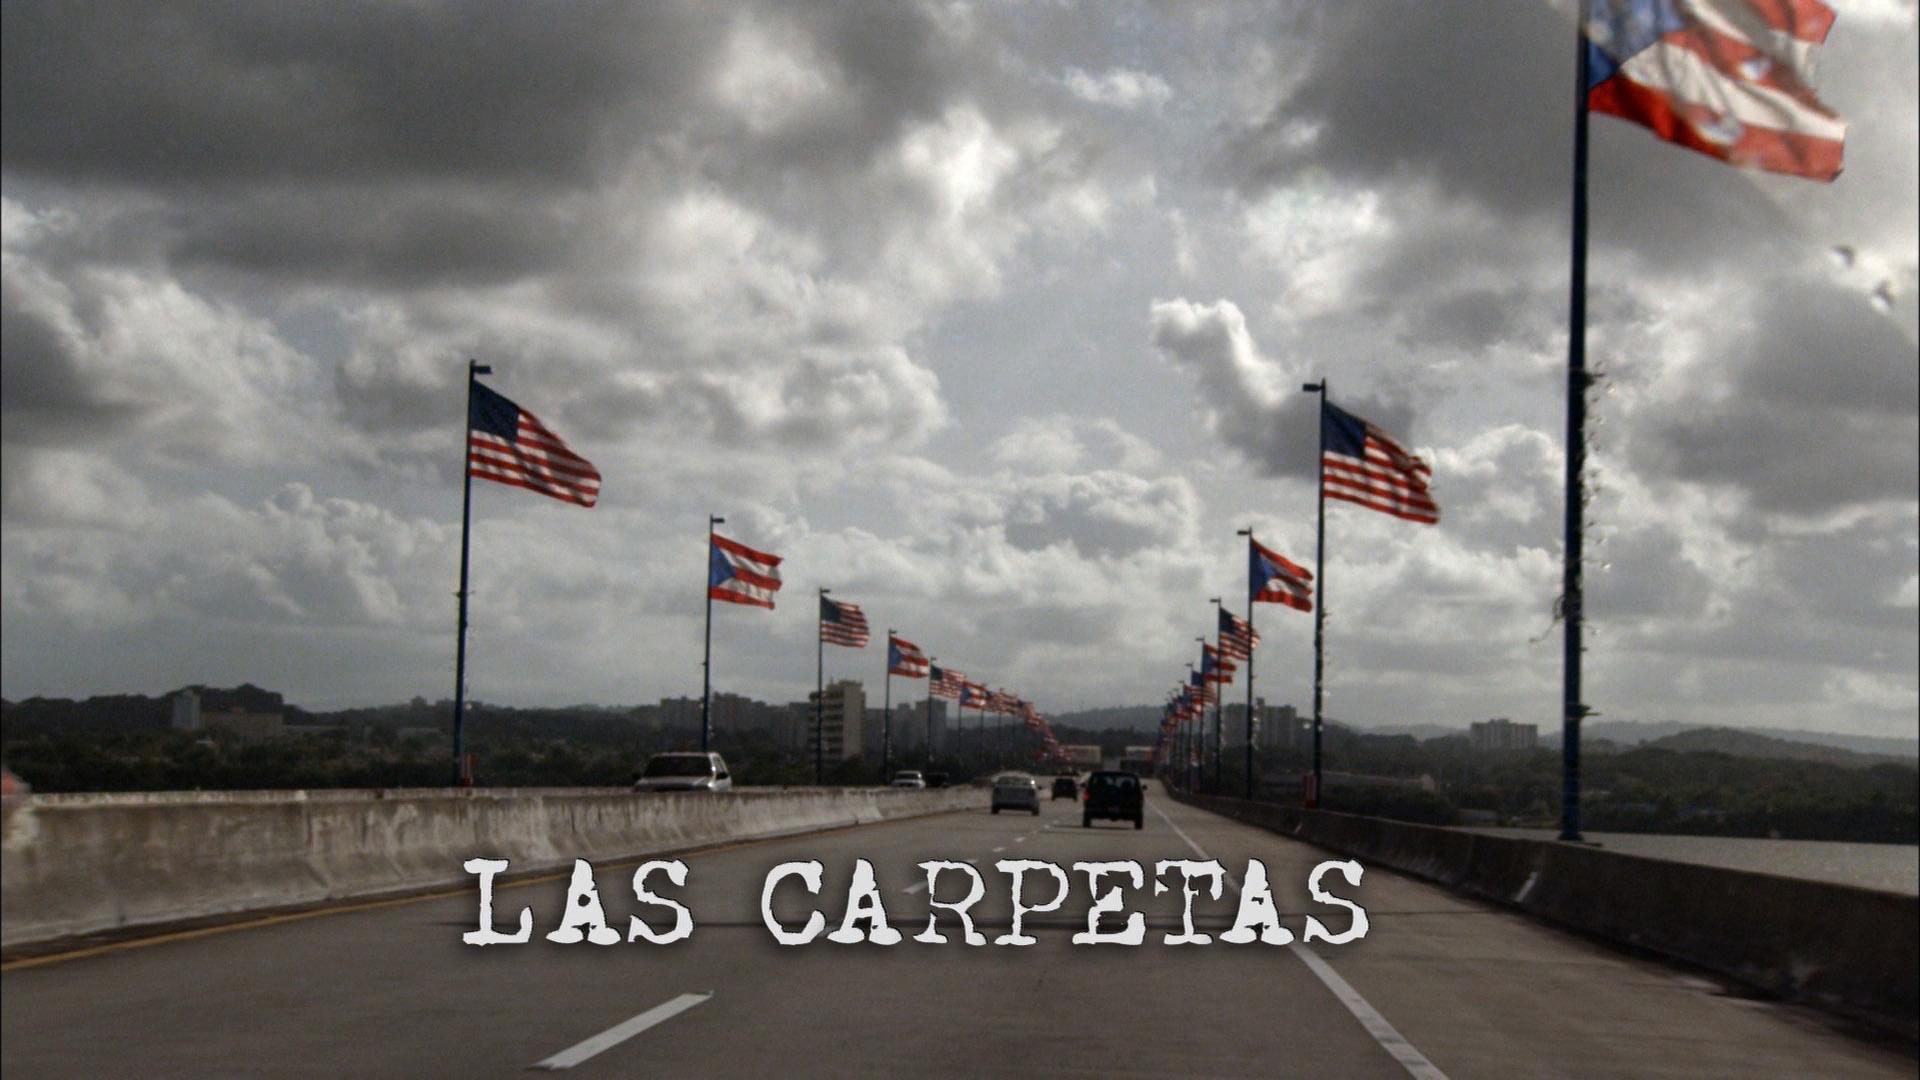 Las carpetas